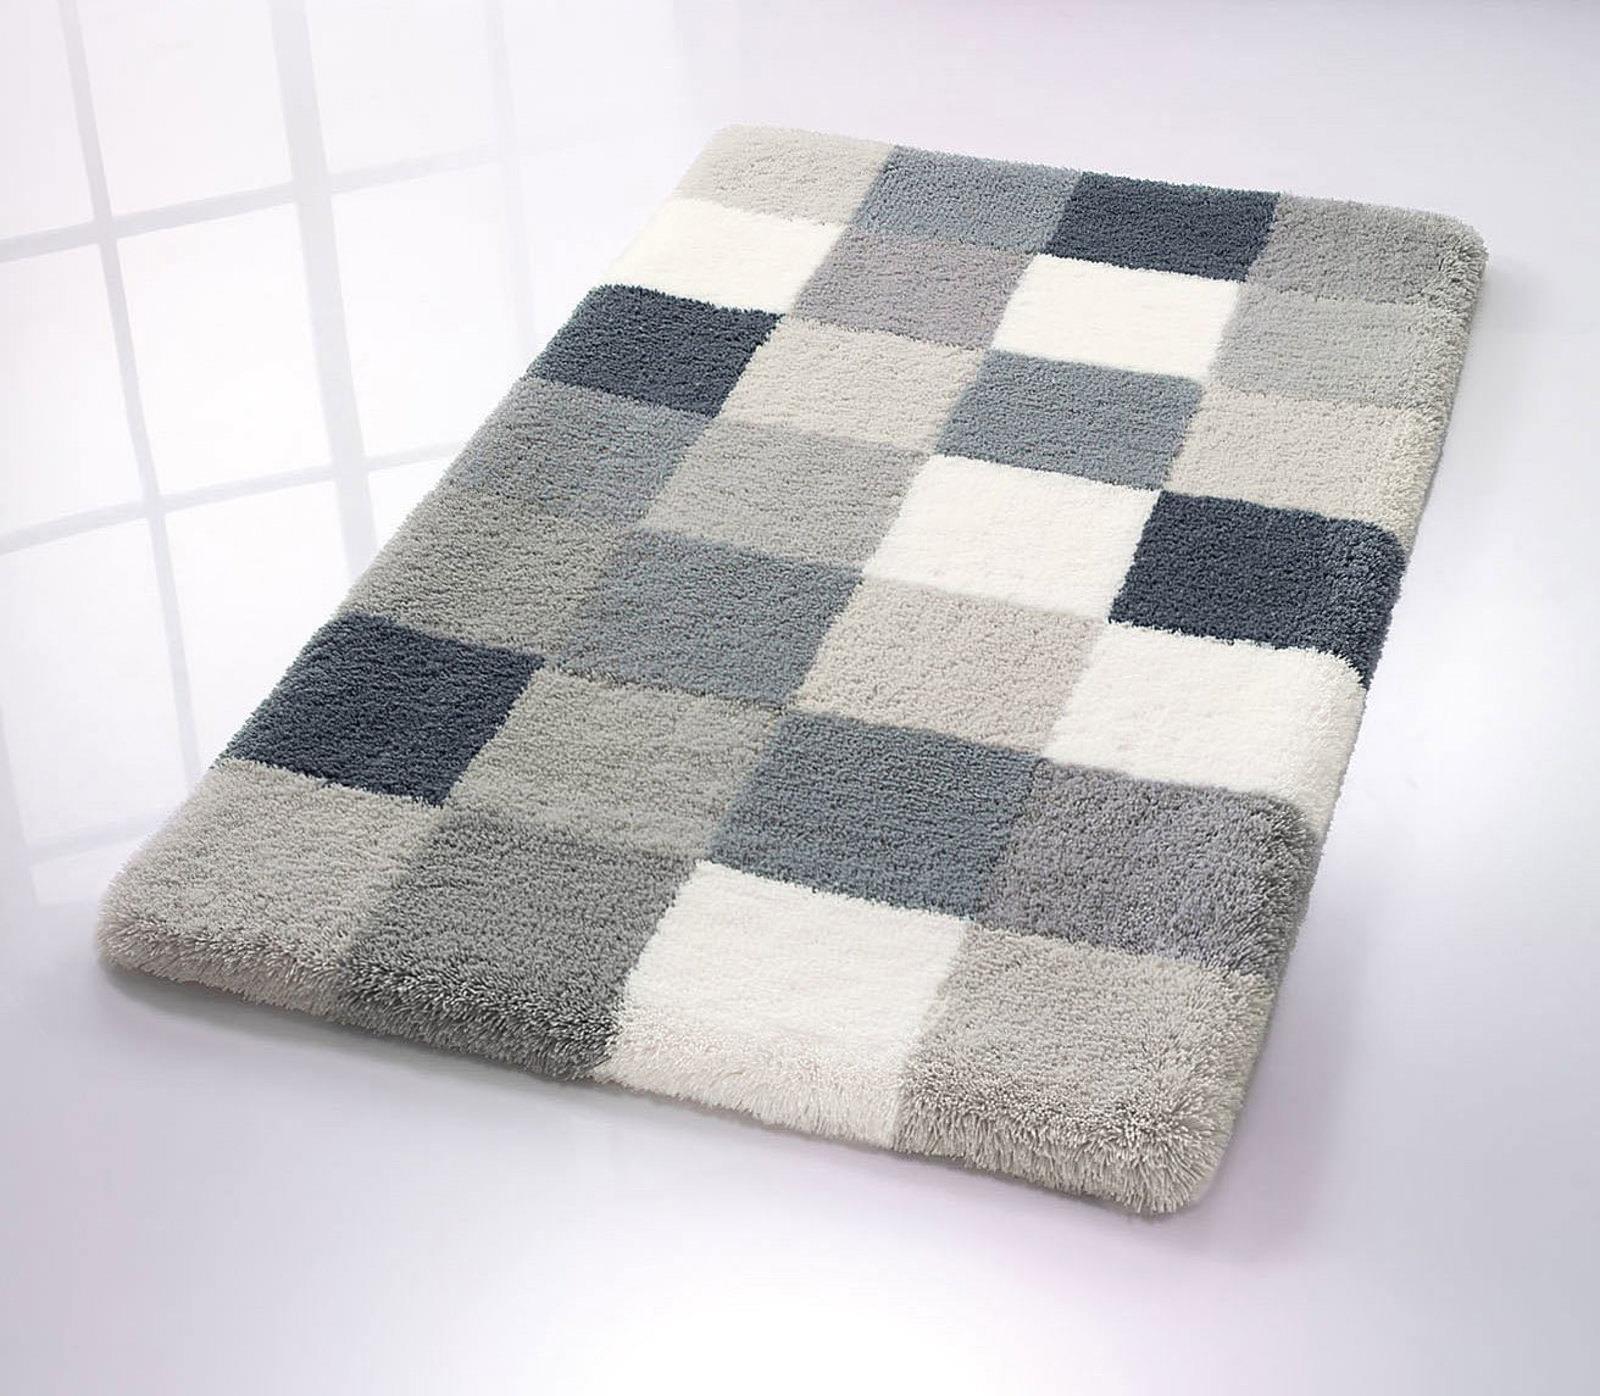 Kleine Wolke Badteppich grau online entdecken | Schaffrath - Ihr ...